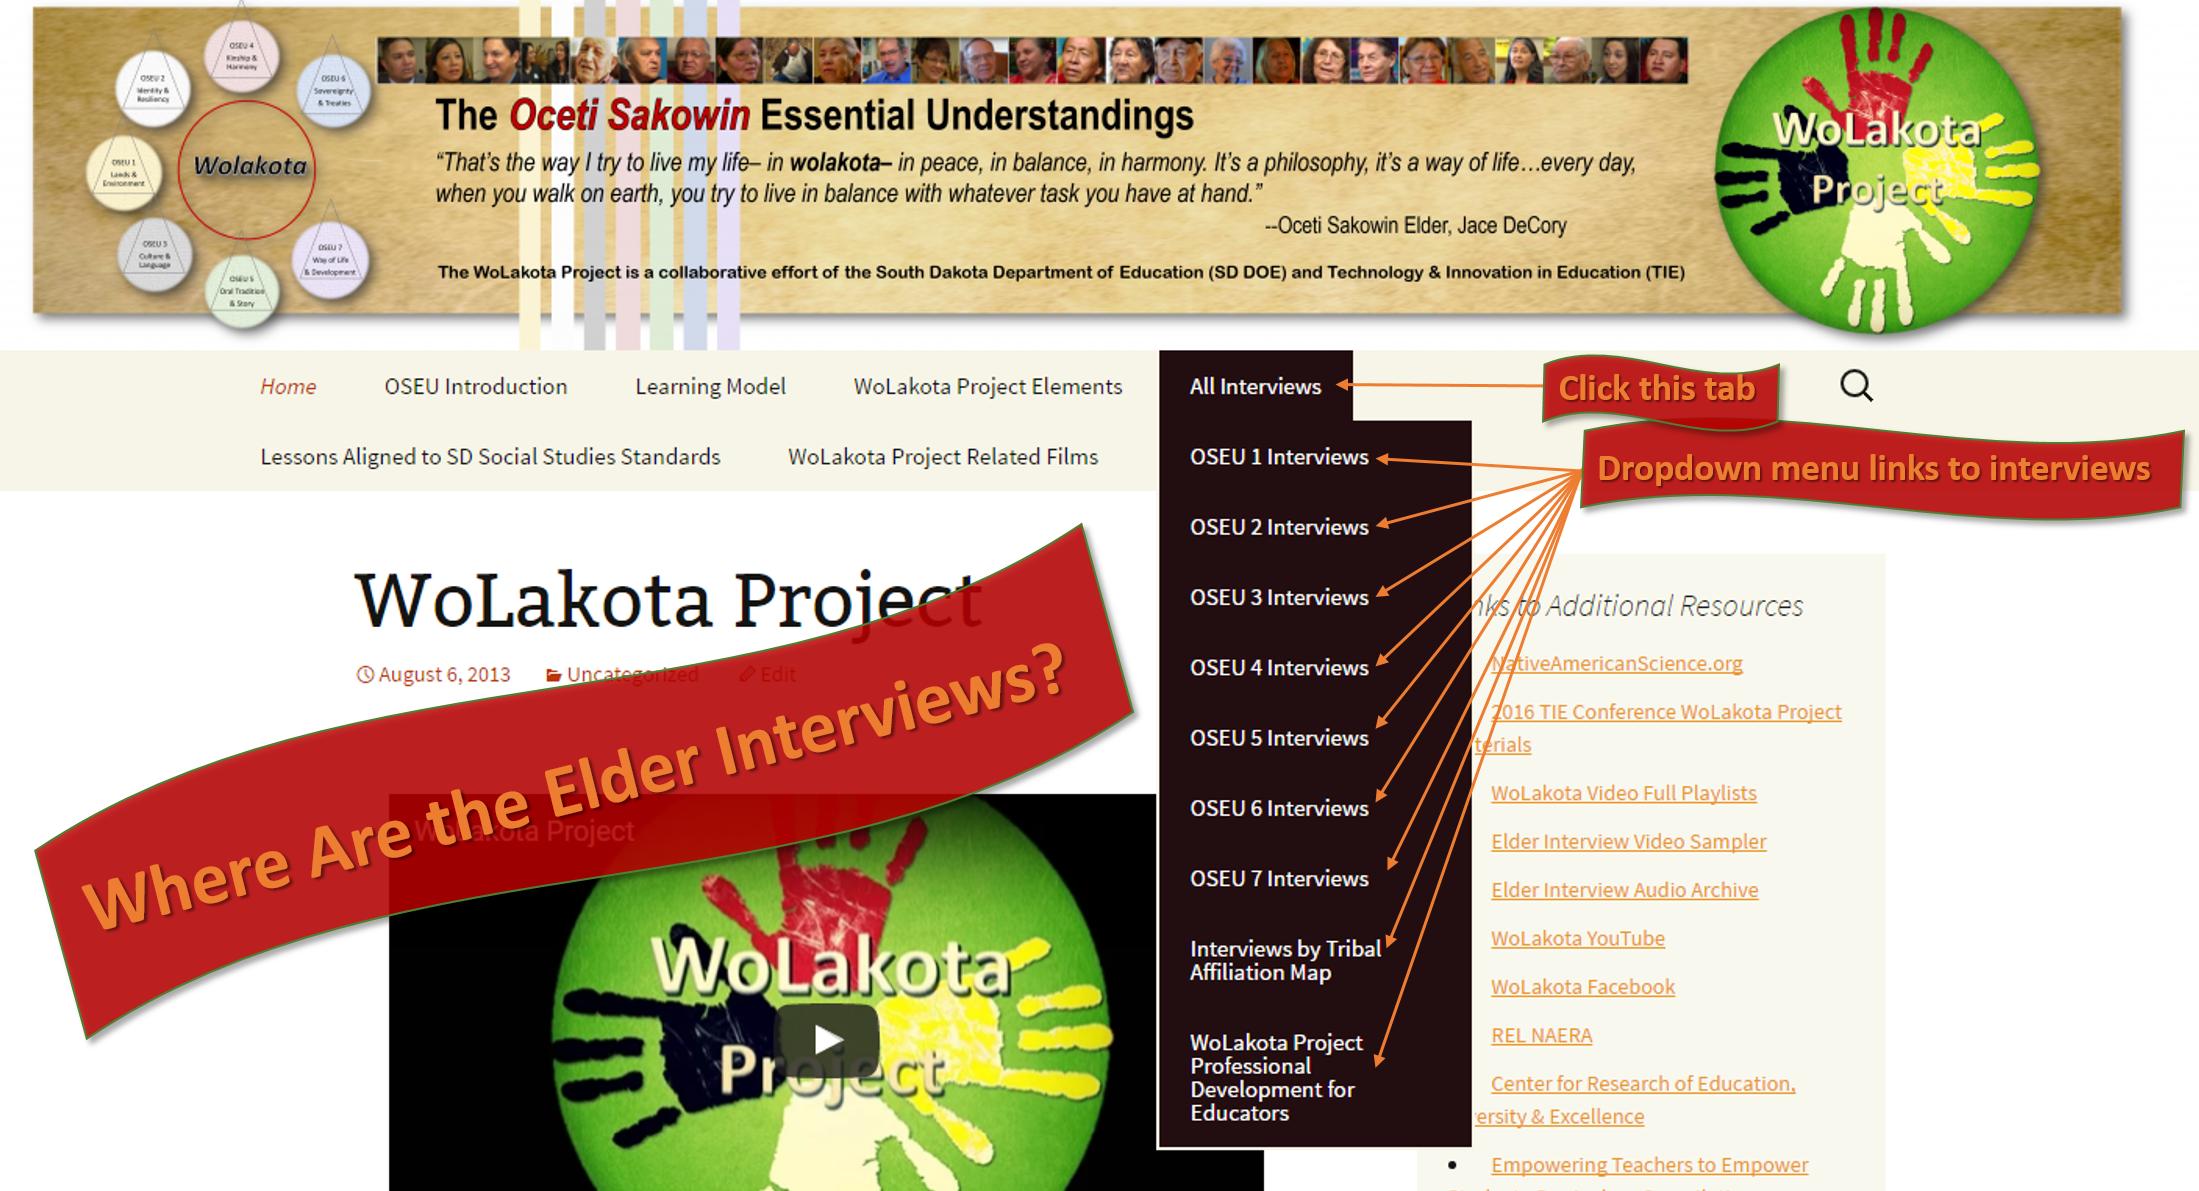 screenshot-finding-the-elder-interviews